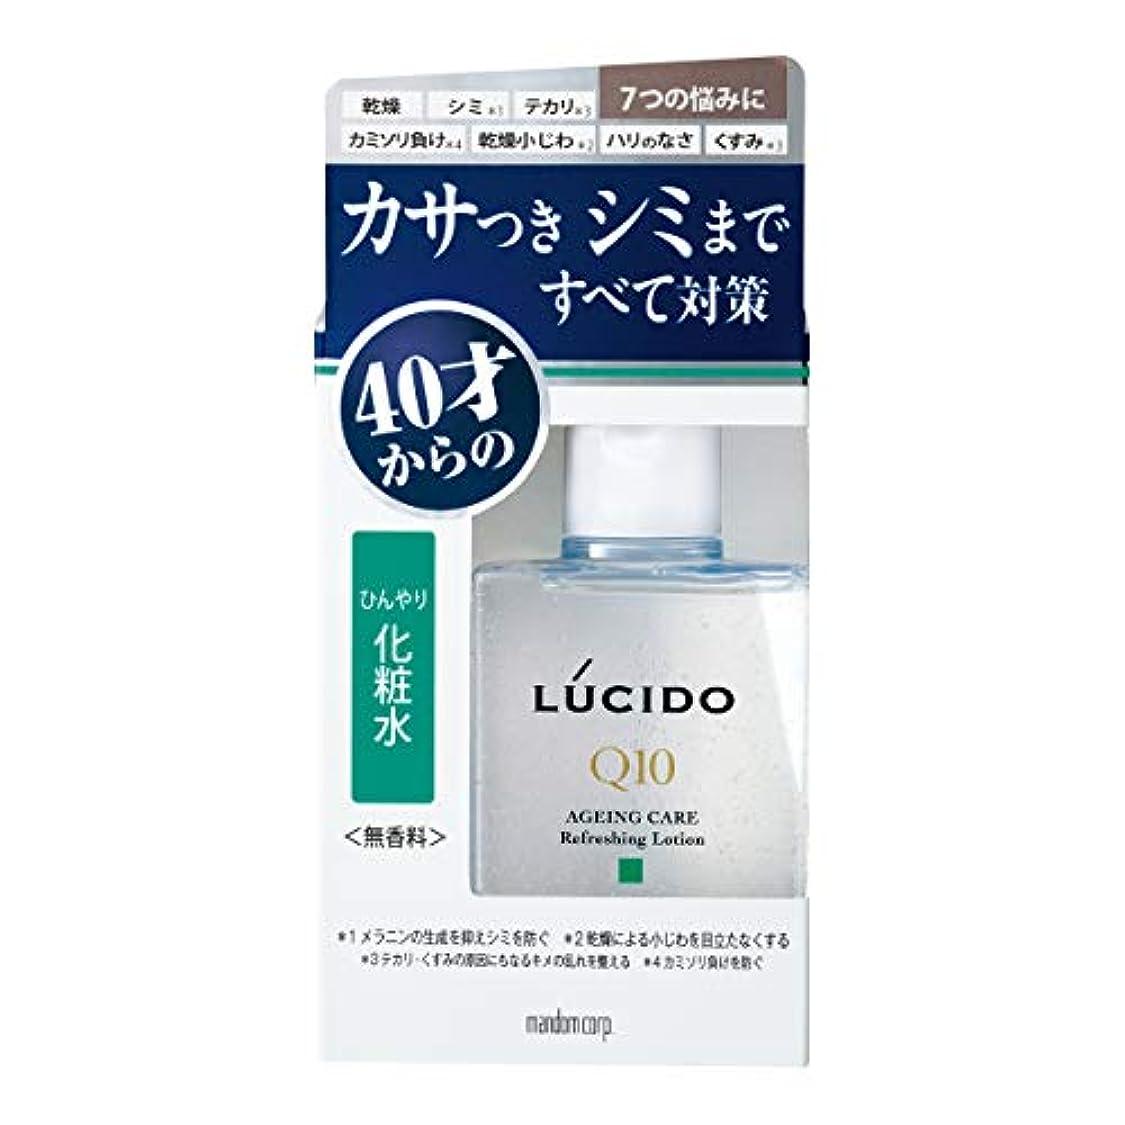 ラジエーター密輸負荷ルシード(LUCIDO)薬用 トータルケアひんやり化粧水 メンズ スキンケア さっぱり 110ml(医薬部外品)